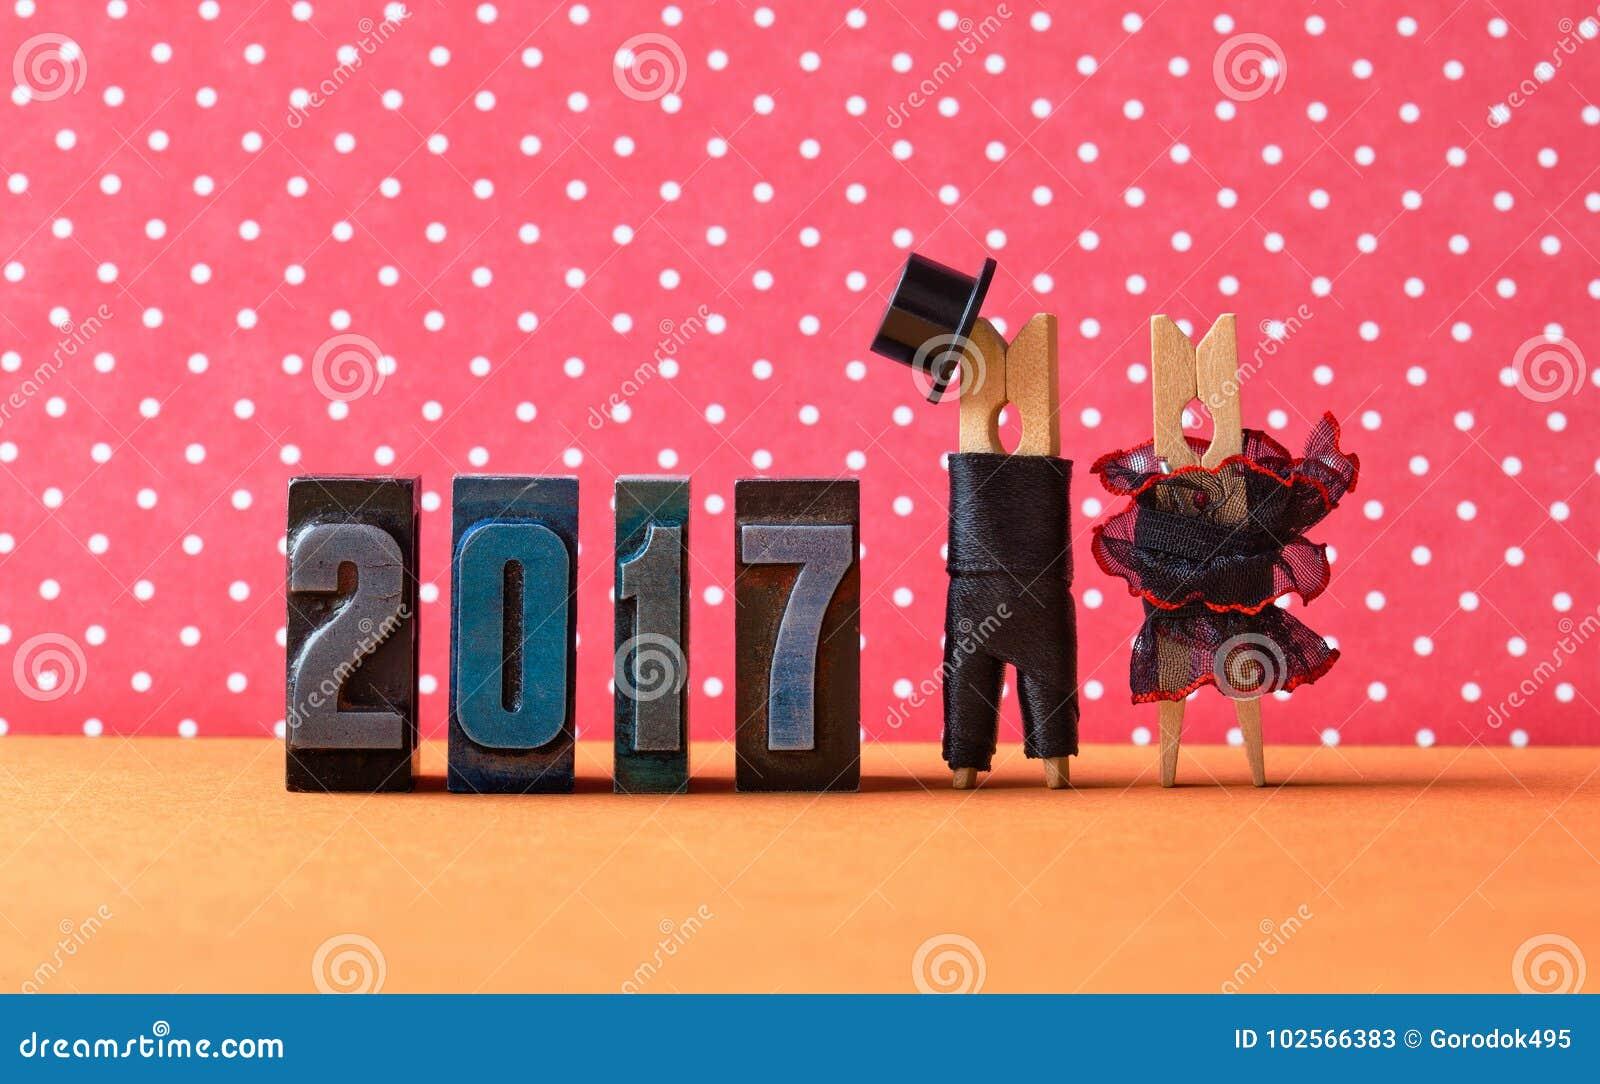 2017 anos no cartaz do partido do amor Prepare o chapéu preto do terno, vestido vermelho preto da noiva Caráteres dos pregadores